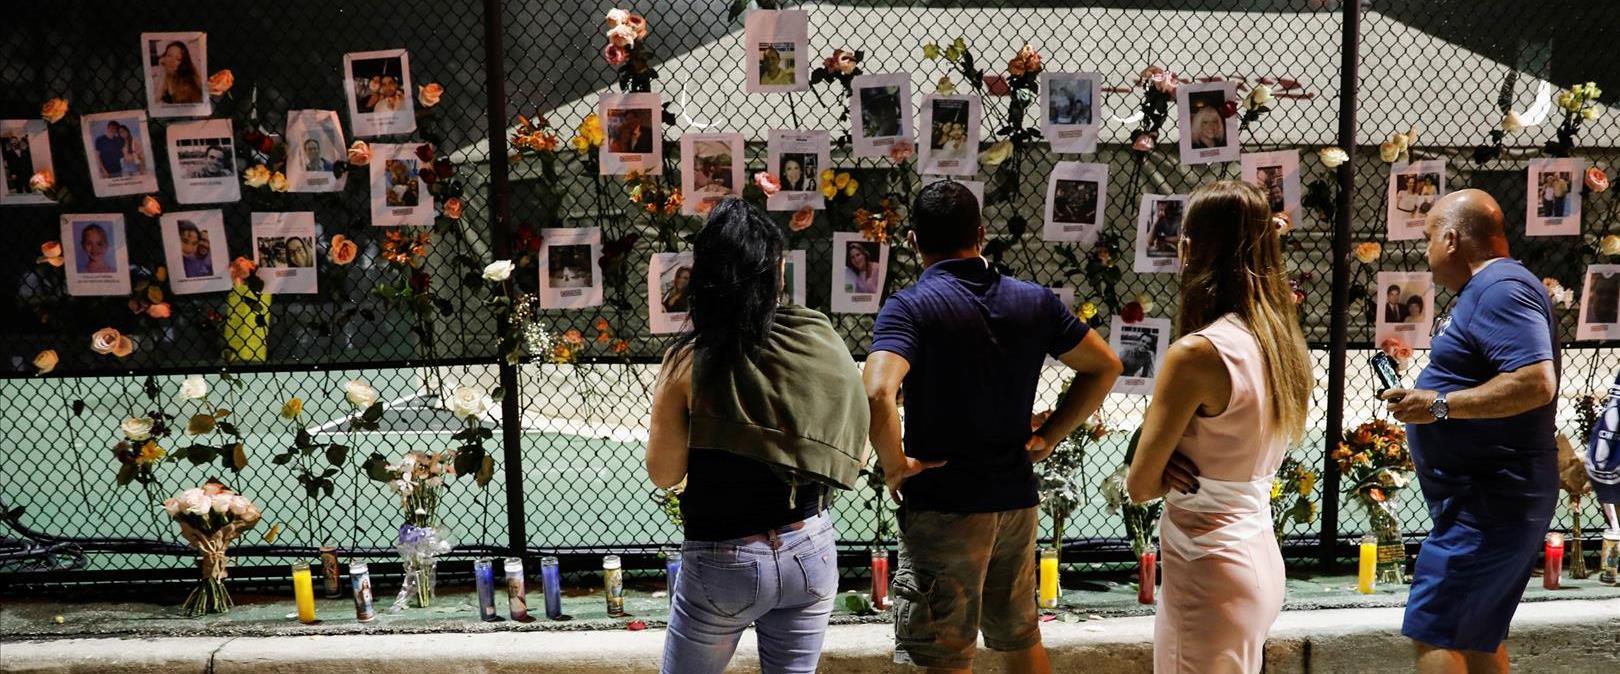 אנדרטה לזכר קורבנות האסון והנעדרים במיאמי, אתמול